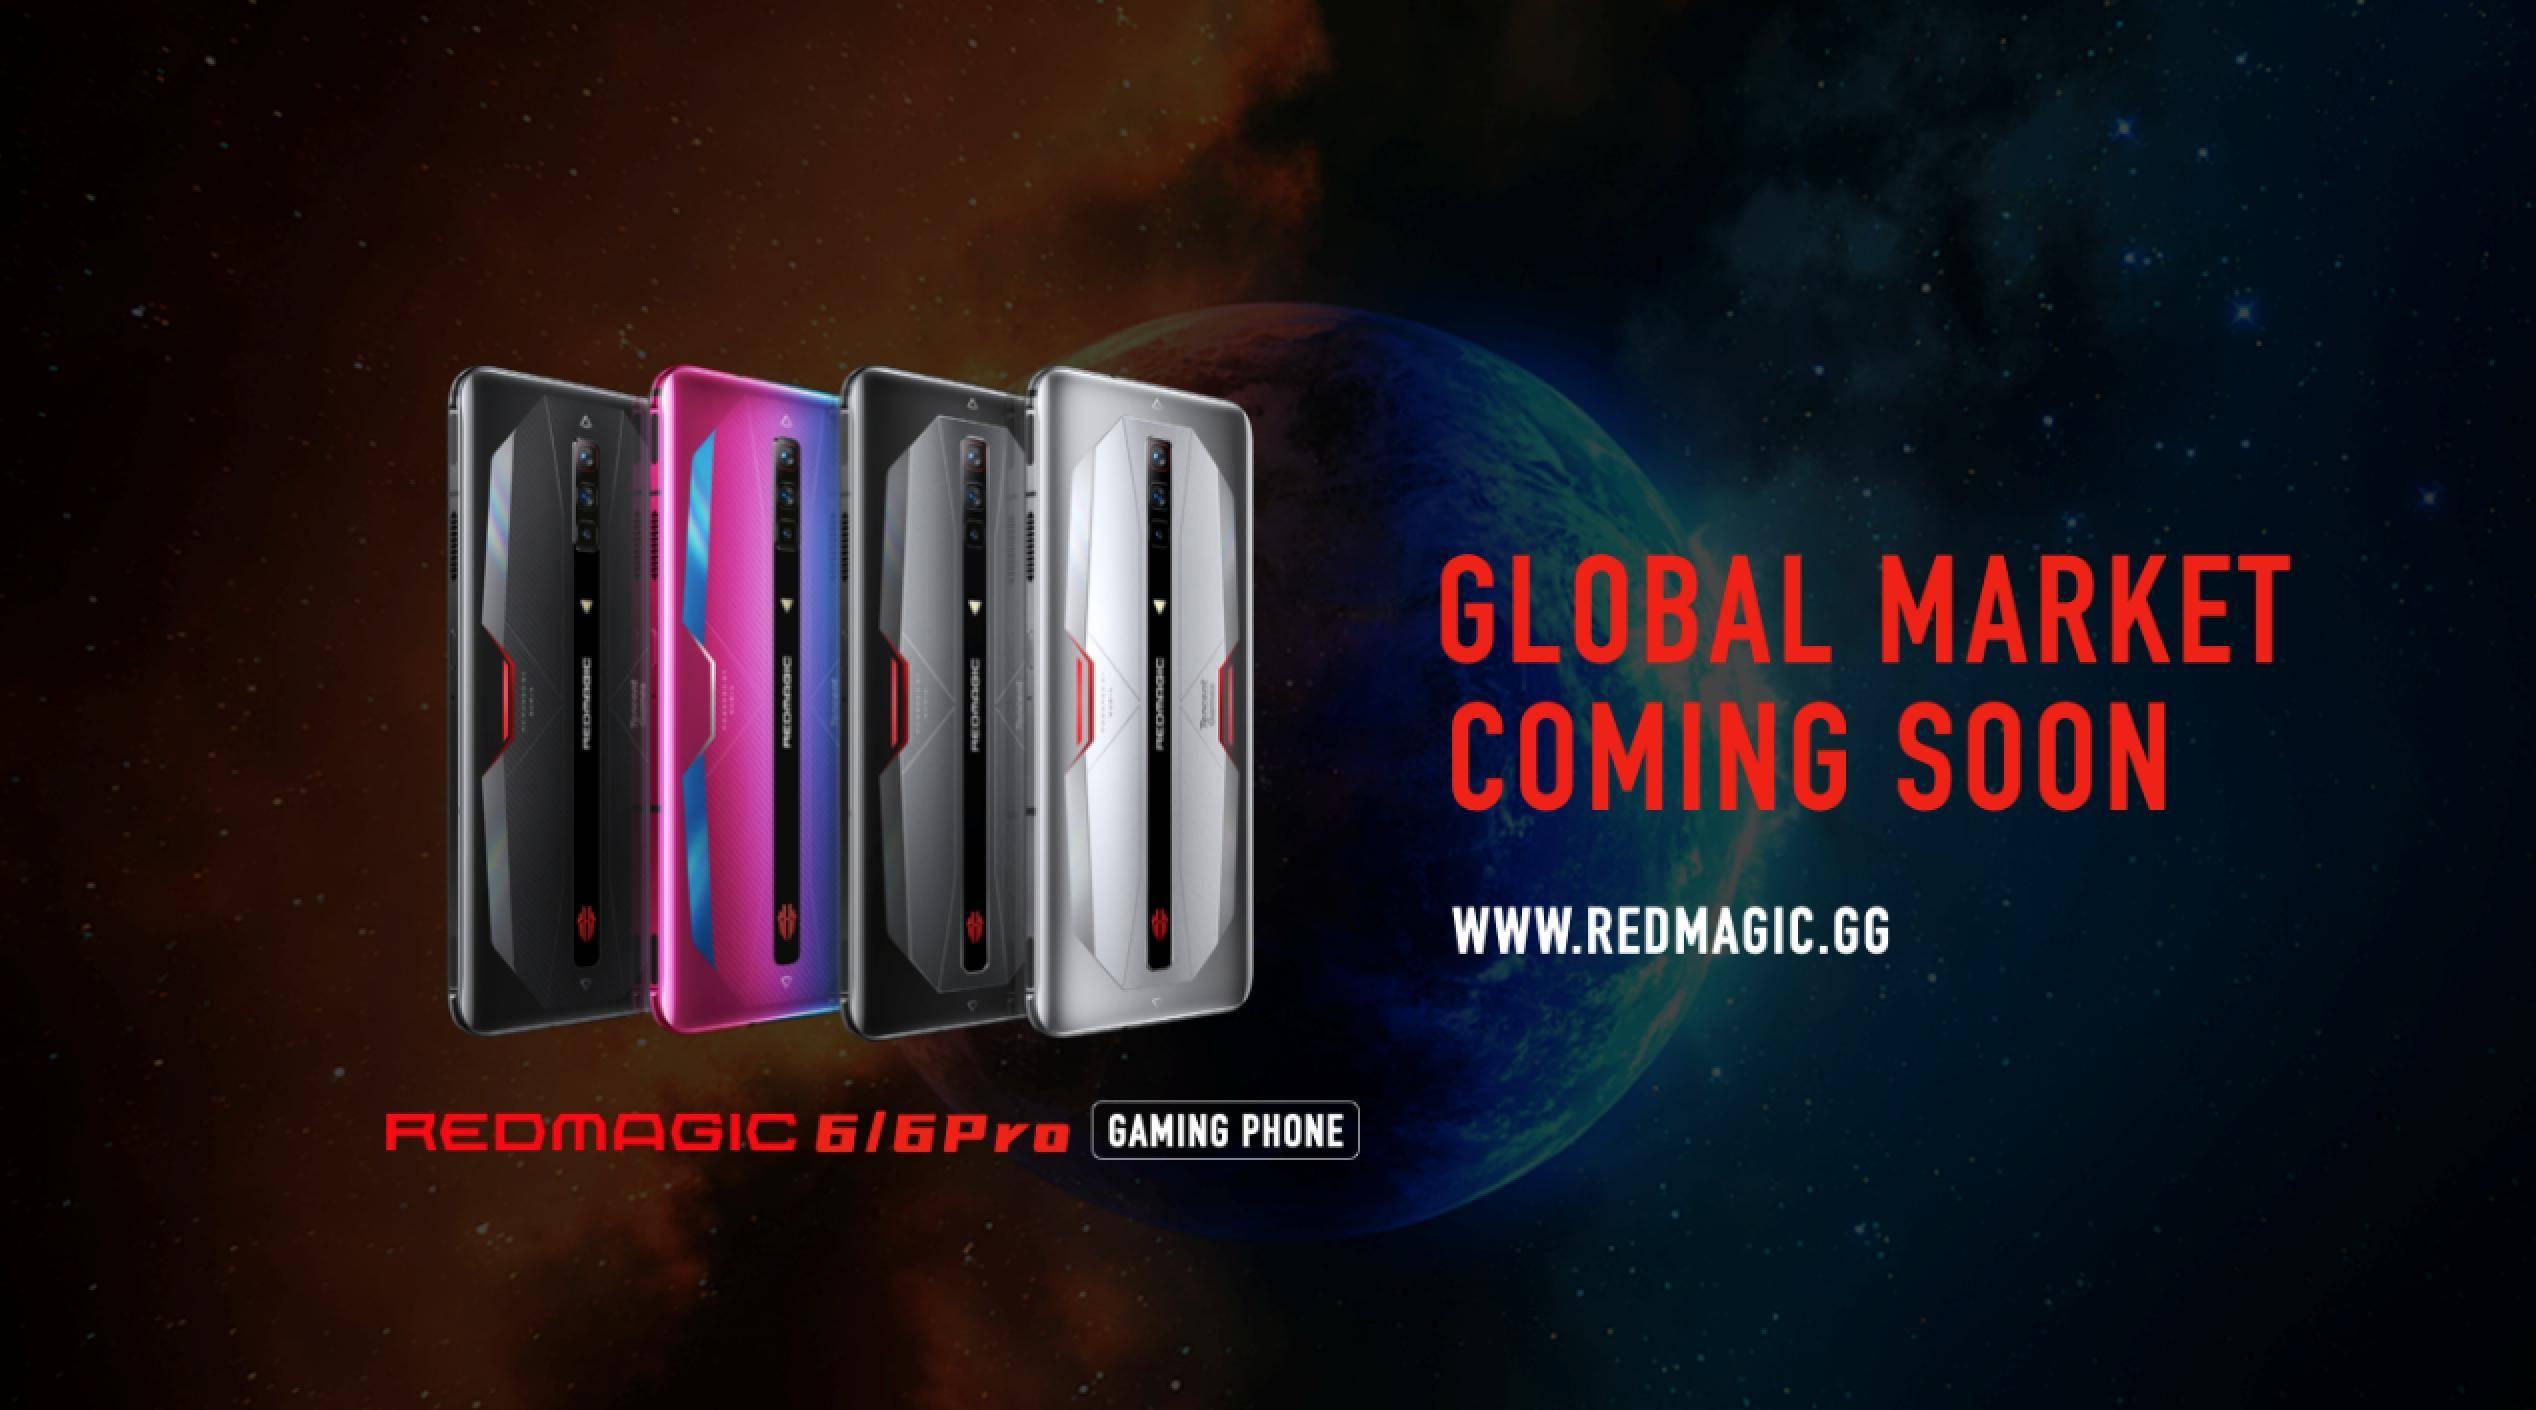 散热冰刃上分更佳!165Hz腾讯红魔游戏手机6超强发布